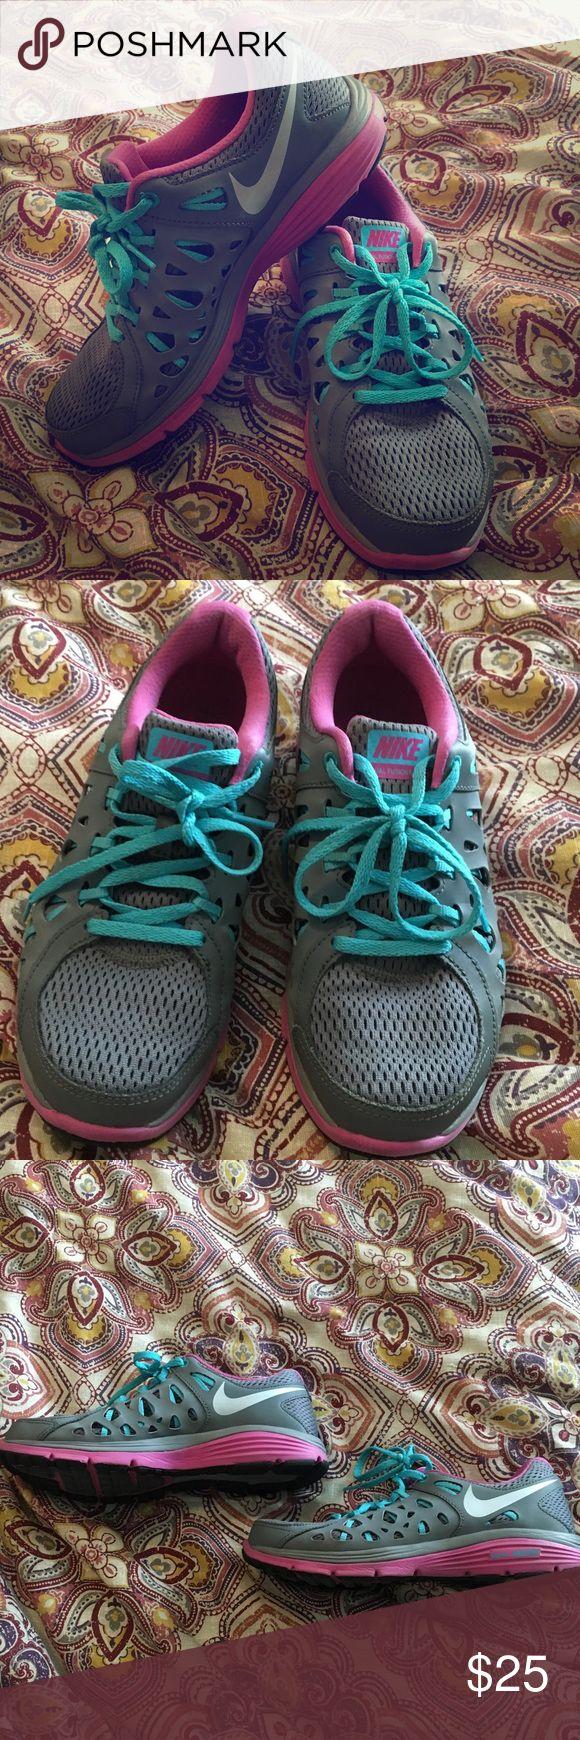 Nike Dual Fusion Run 2 Women's size 8. Nike dual fusion Run 2 shoes. Made for running. Prefect for getting that bikini bod! Nike Shoes Athletic Shoes